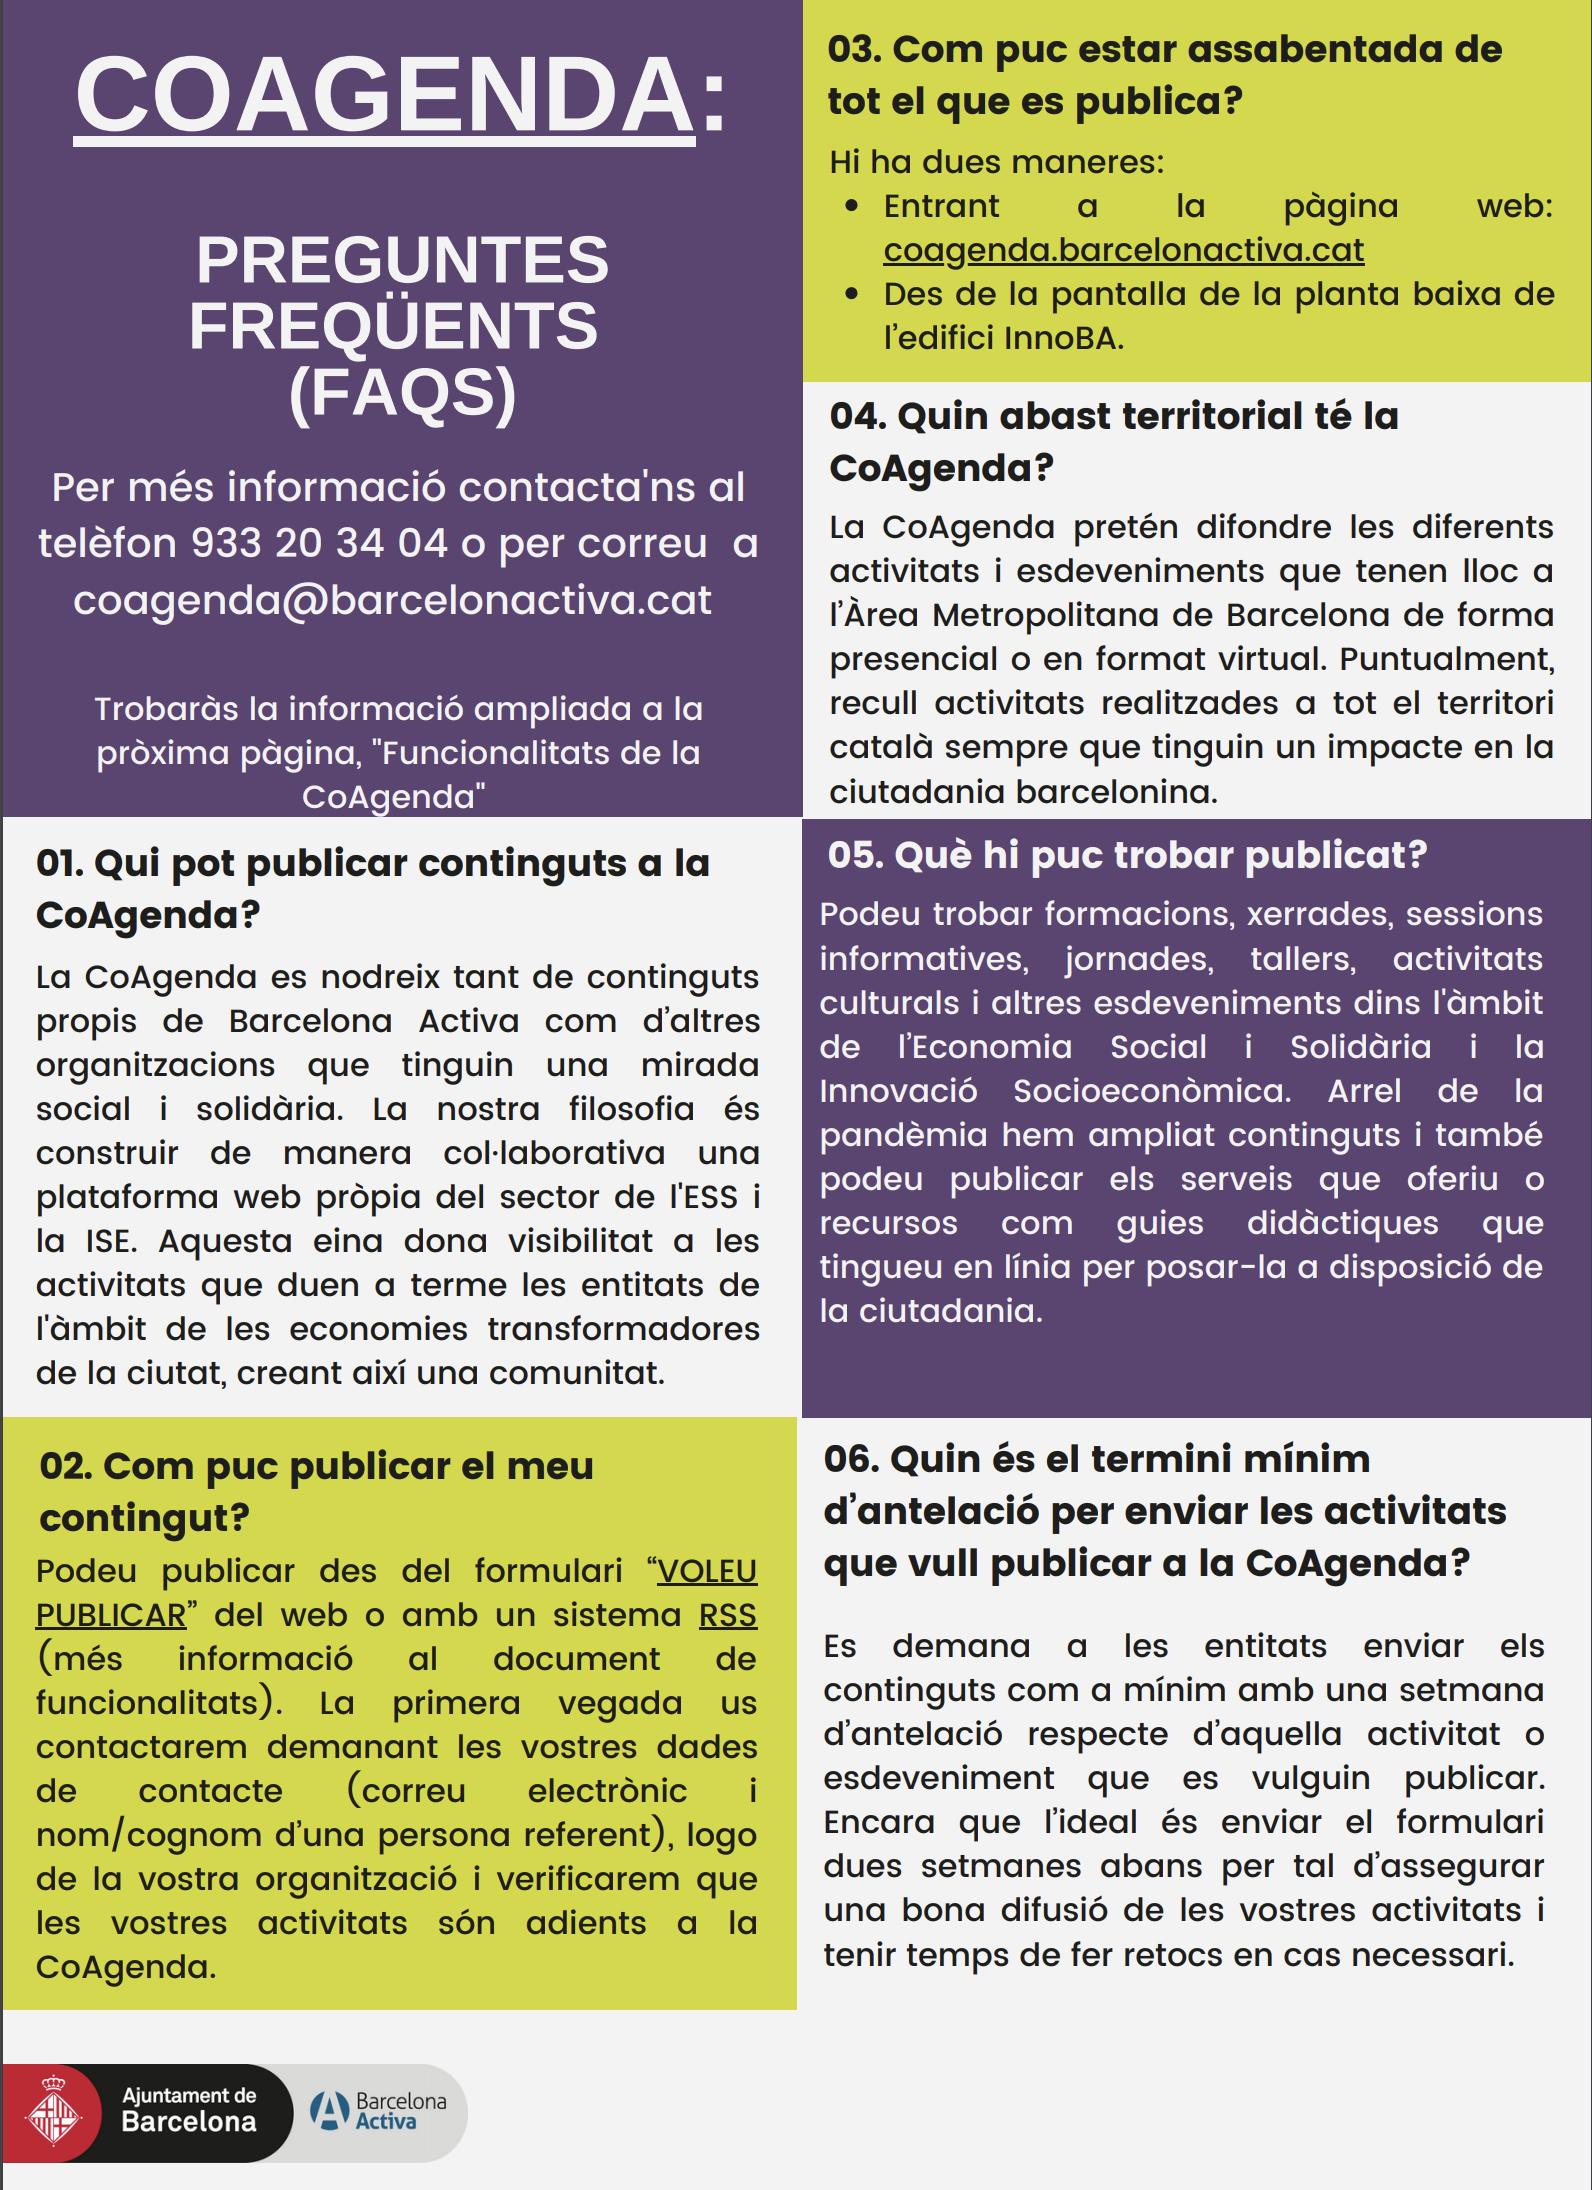 FAQS Coagenda